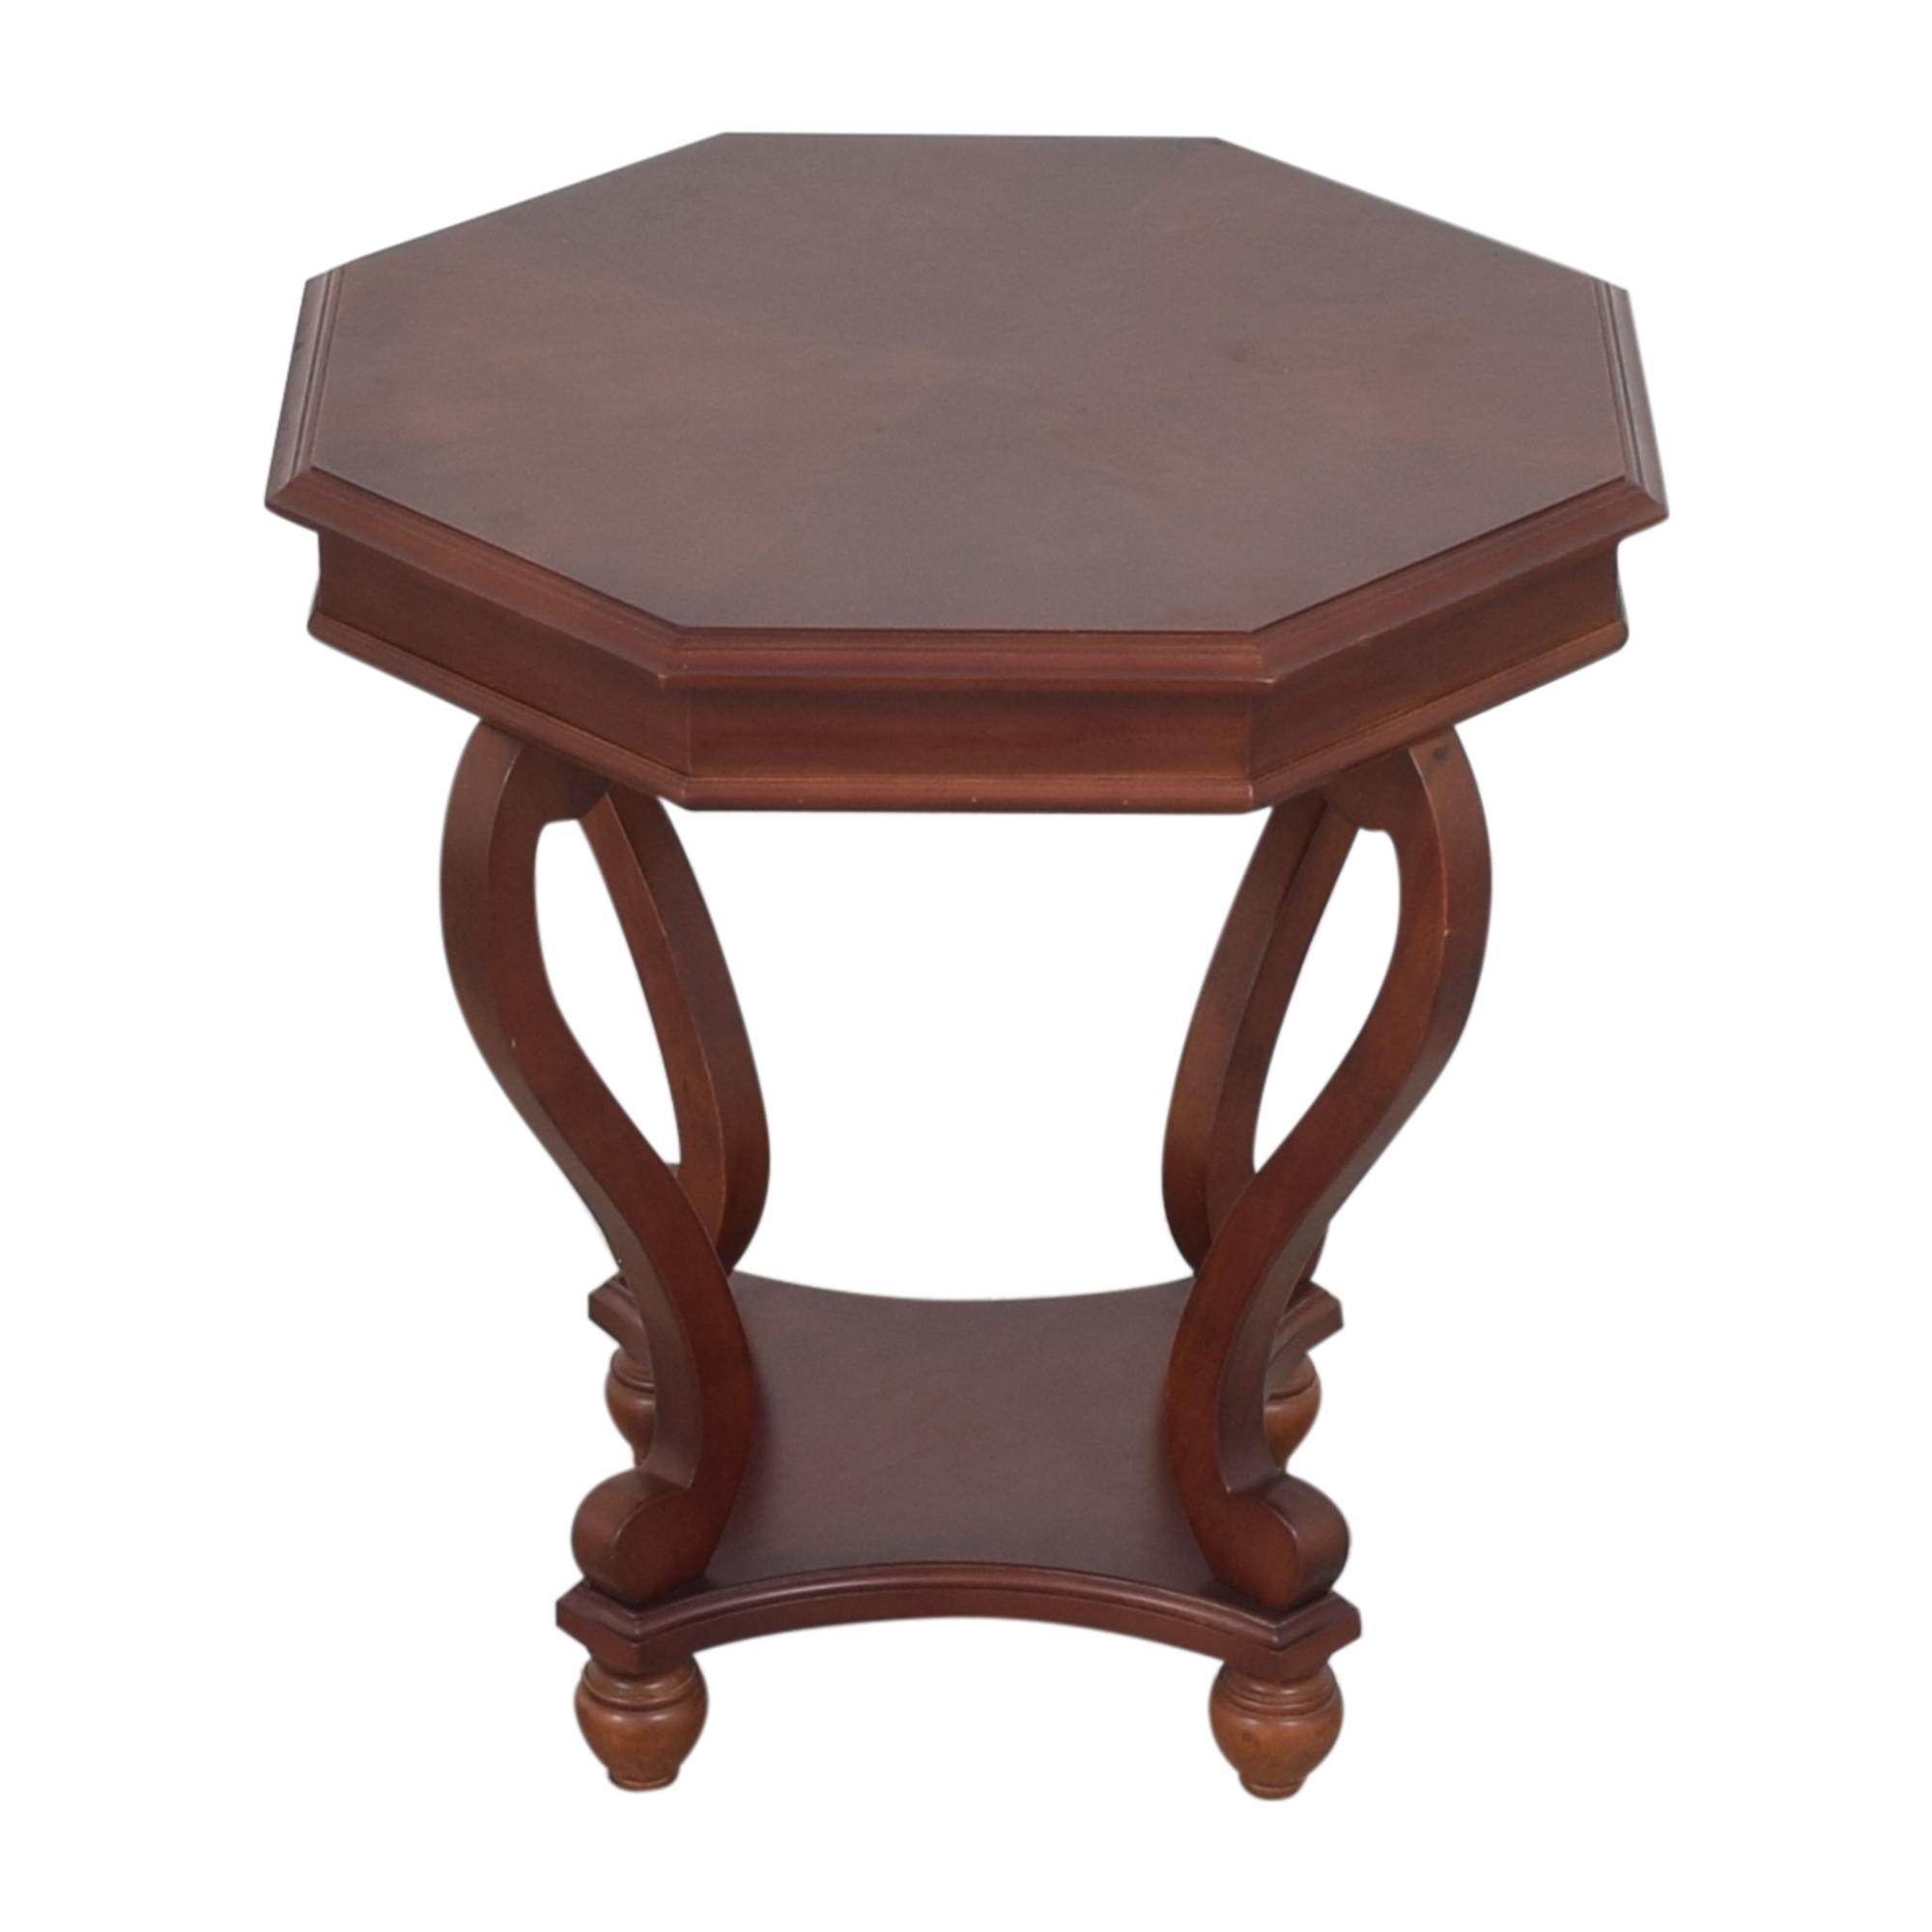 buy Bombay Company Octagonal Accent Table Bombay Company Tables